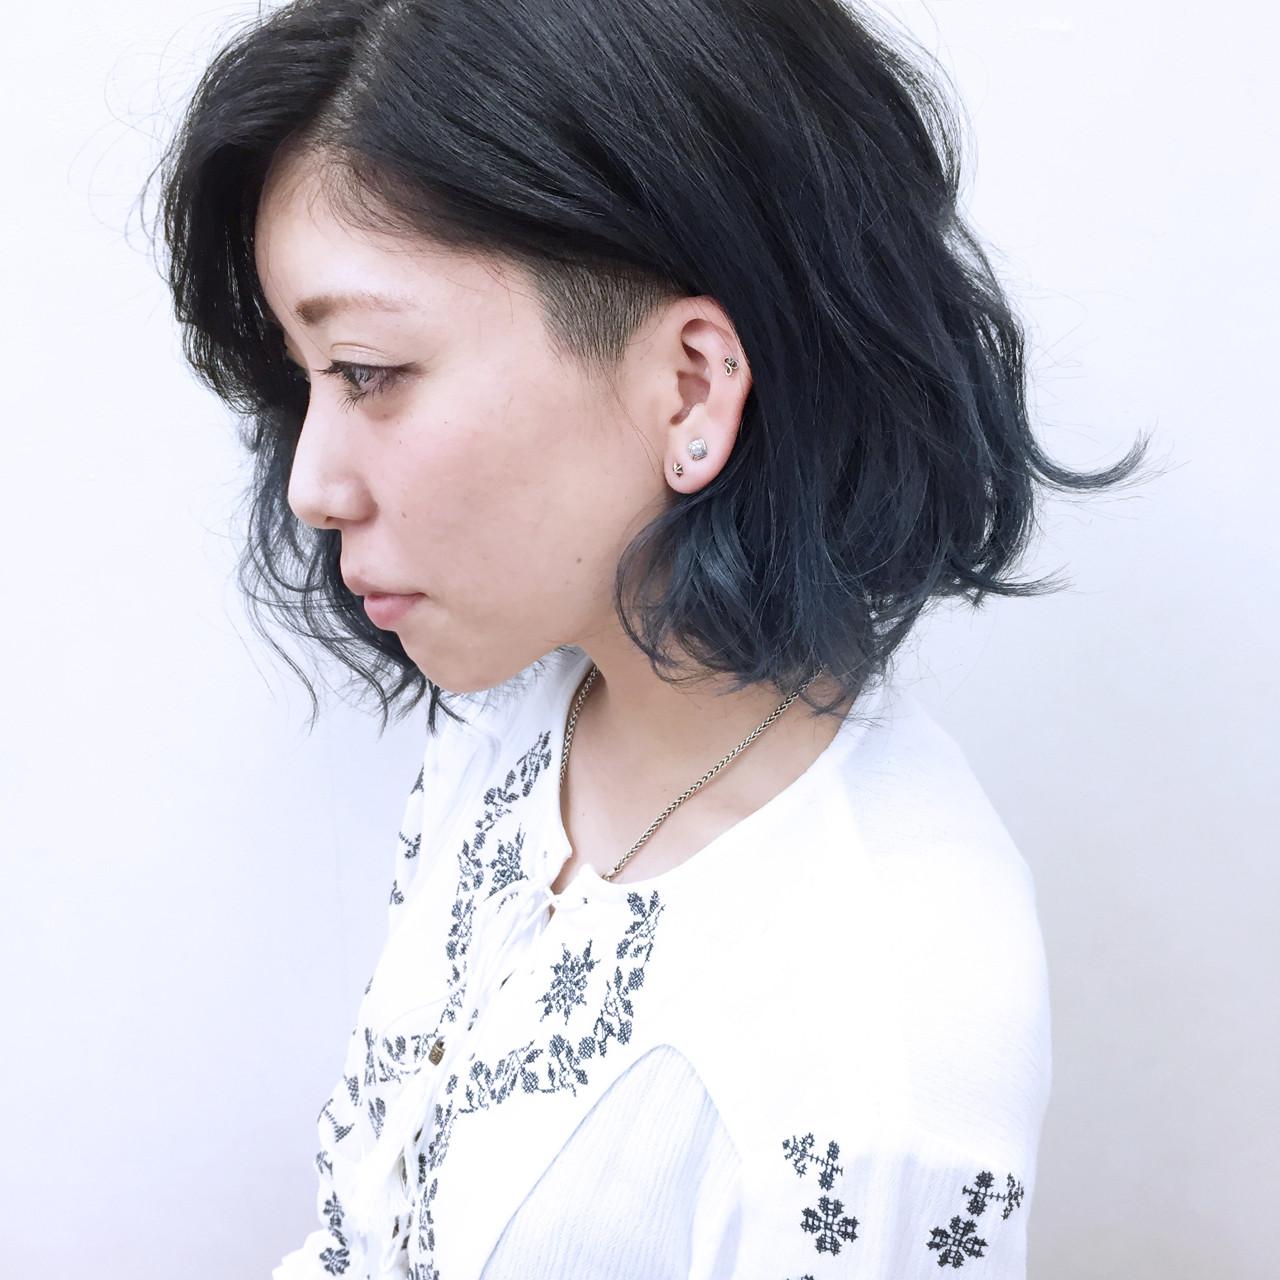 黒髪×パーマで作る媚びない夏の大人女子特集♡ Katsuhito Emori